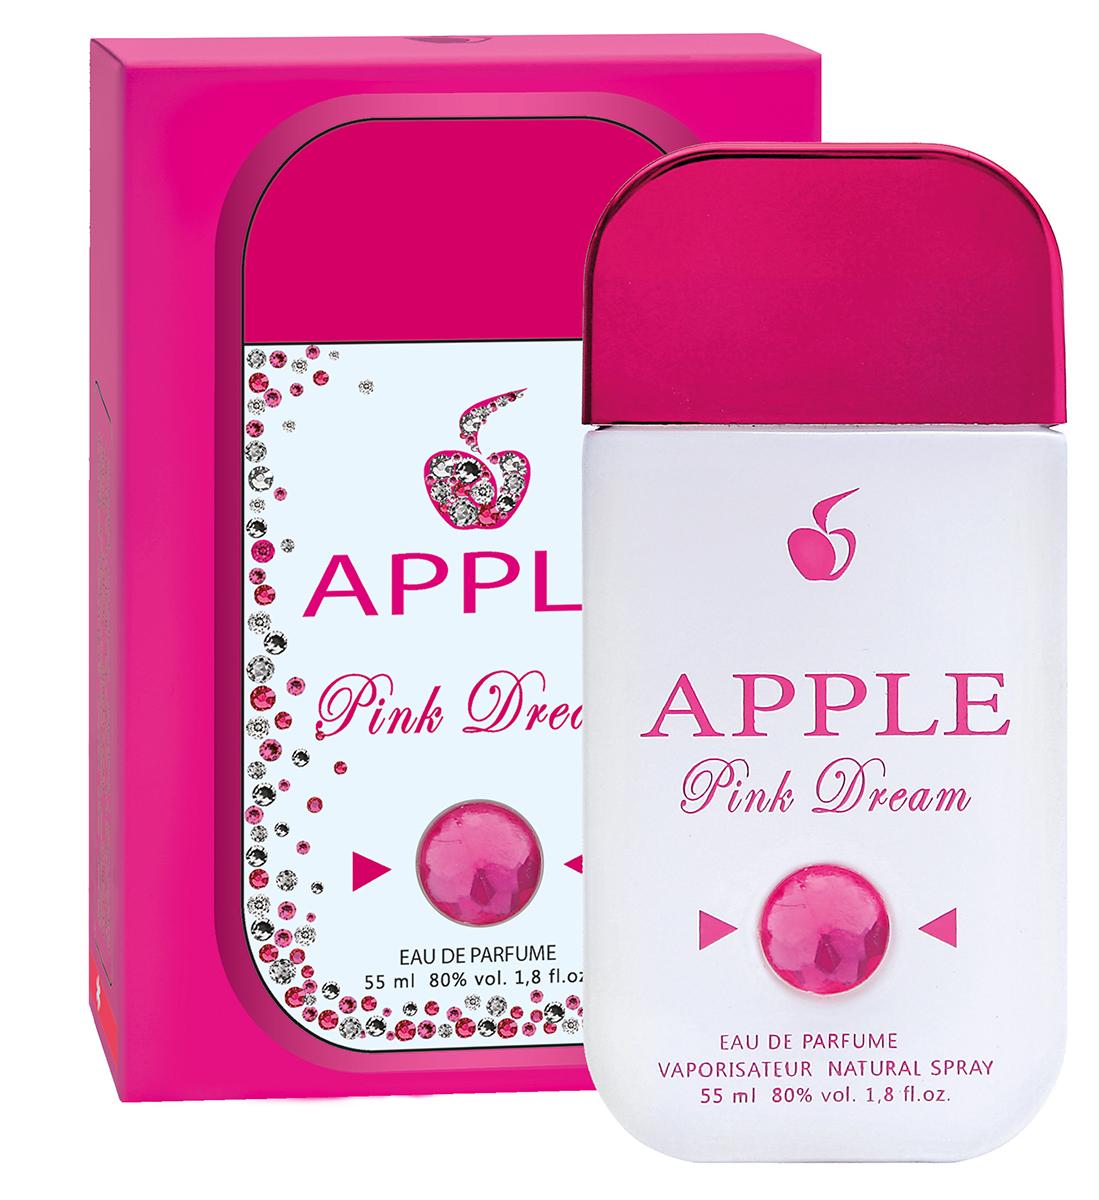 Apple Parfums Парфюмерная вода женская Pink Dream, 55 мл41261Немного кокетства, чуть-чуть озорства не испортят имидж этой деловой целеустремленной натуры. Но улыбка затаилась в уголках губ, блеск глаз надежно упрятан под ресницами. И только аромат своим упоительным цветочно-фруктовым дыханием предательски выдает и открытый веселый нрав, и нежность, и женственность. И губы ее подобны лепесткам розы, чей аромат ведет солирующую партию. И удивительная гармония вкусной страсти маракуйи с полутонами мускуса и чувственности женской натуры, возникающей в тот момент, когда аромат уже согрелся на теплой нежной коже. Так приятно сознавать, что этот необычный розовый флакончик своим образом удачно подчеркнул стиль, ароматом раскрыл красоту женской души!Классификация аромата: цветочно-фруктовый.Пирамида аромата: Основные ноты: бергамот, апельсин, маракуйя, лепестки розы, белая лилия, водяная лилия, сандал. Характеристики:Объем: 55 мл. Производитель: Россия. Самый популярный вид парфюмерной продукции на сегодняшний день - парфюмерная вода. Это объясняется оптимальным балансом цены и качества - с одной стороны, достаточно высокая концентрация экстракта (10-20% при 90% спирте), с другой - более доступная, по сравнению с духами, цена. У многих фирм парфюмерная вода - самый высокий по концентрации экстракта вид товара, т.к. далеко не все производители считают нужным (или возможным) выпускать свои ароматы в виде духов. Как правило, парфюмерная вода всегда в спрее-пульверизаторе, что удобно для использования и транспортировки. Так что если духи по какой-либо причине приобрести нельзя, парфюмерная вода, безусловно, - самая лучшая им замена.Товар сертифицирован.Уважаемые клиенты!Обращаем ваше внимание на возможные изменения в дизайне упаковки. Качественные характеристики товара остаются неизменными. Поставка осуществляется в зависимости от наличия на складе.Краткий гид по парфюмерии: виды, ноты, ароматы, советы по выбору. Статья OZON Гид